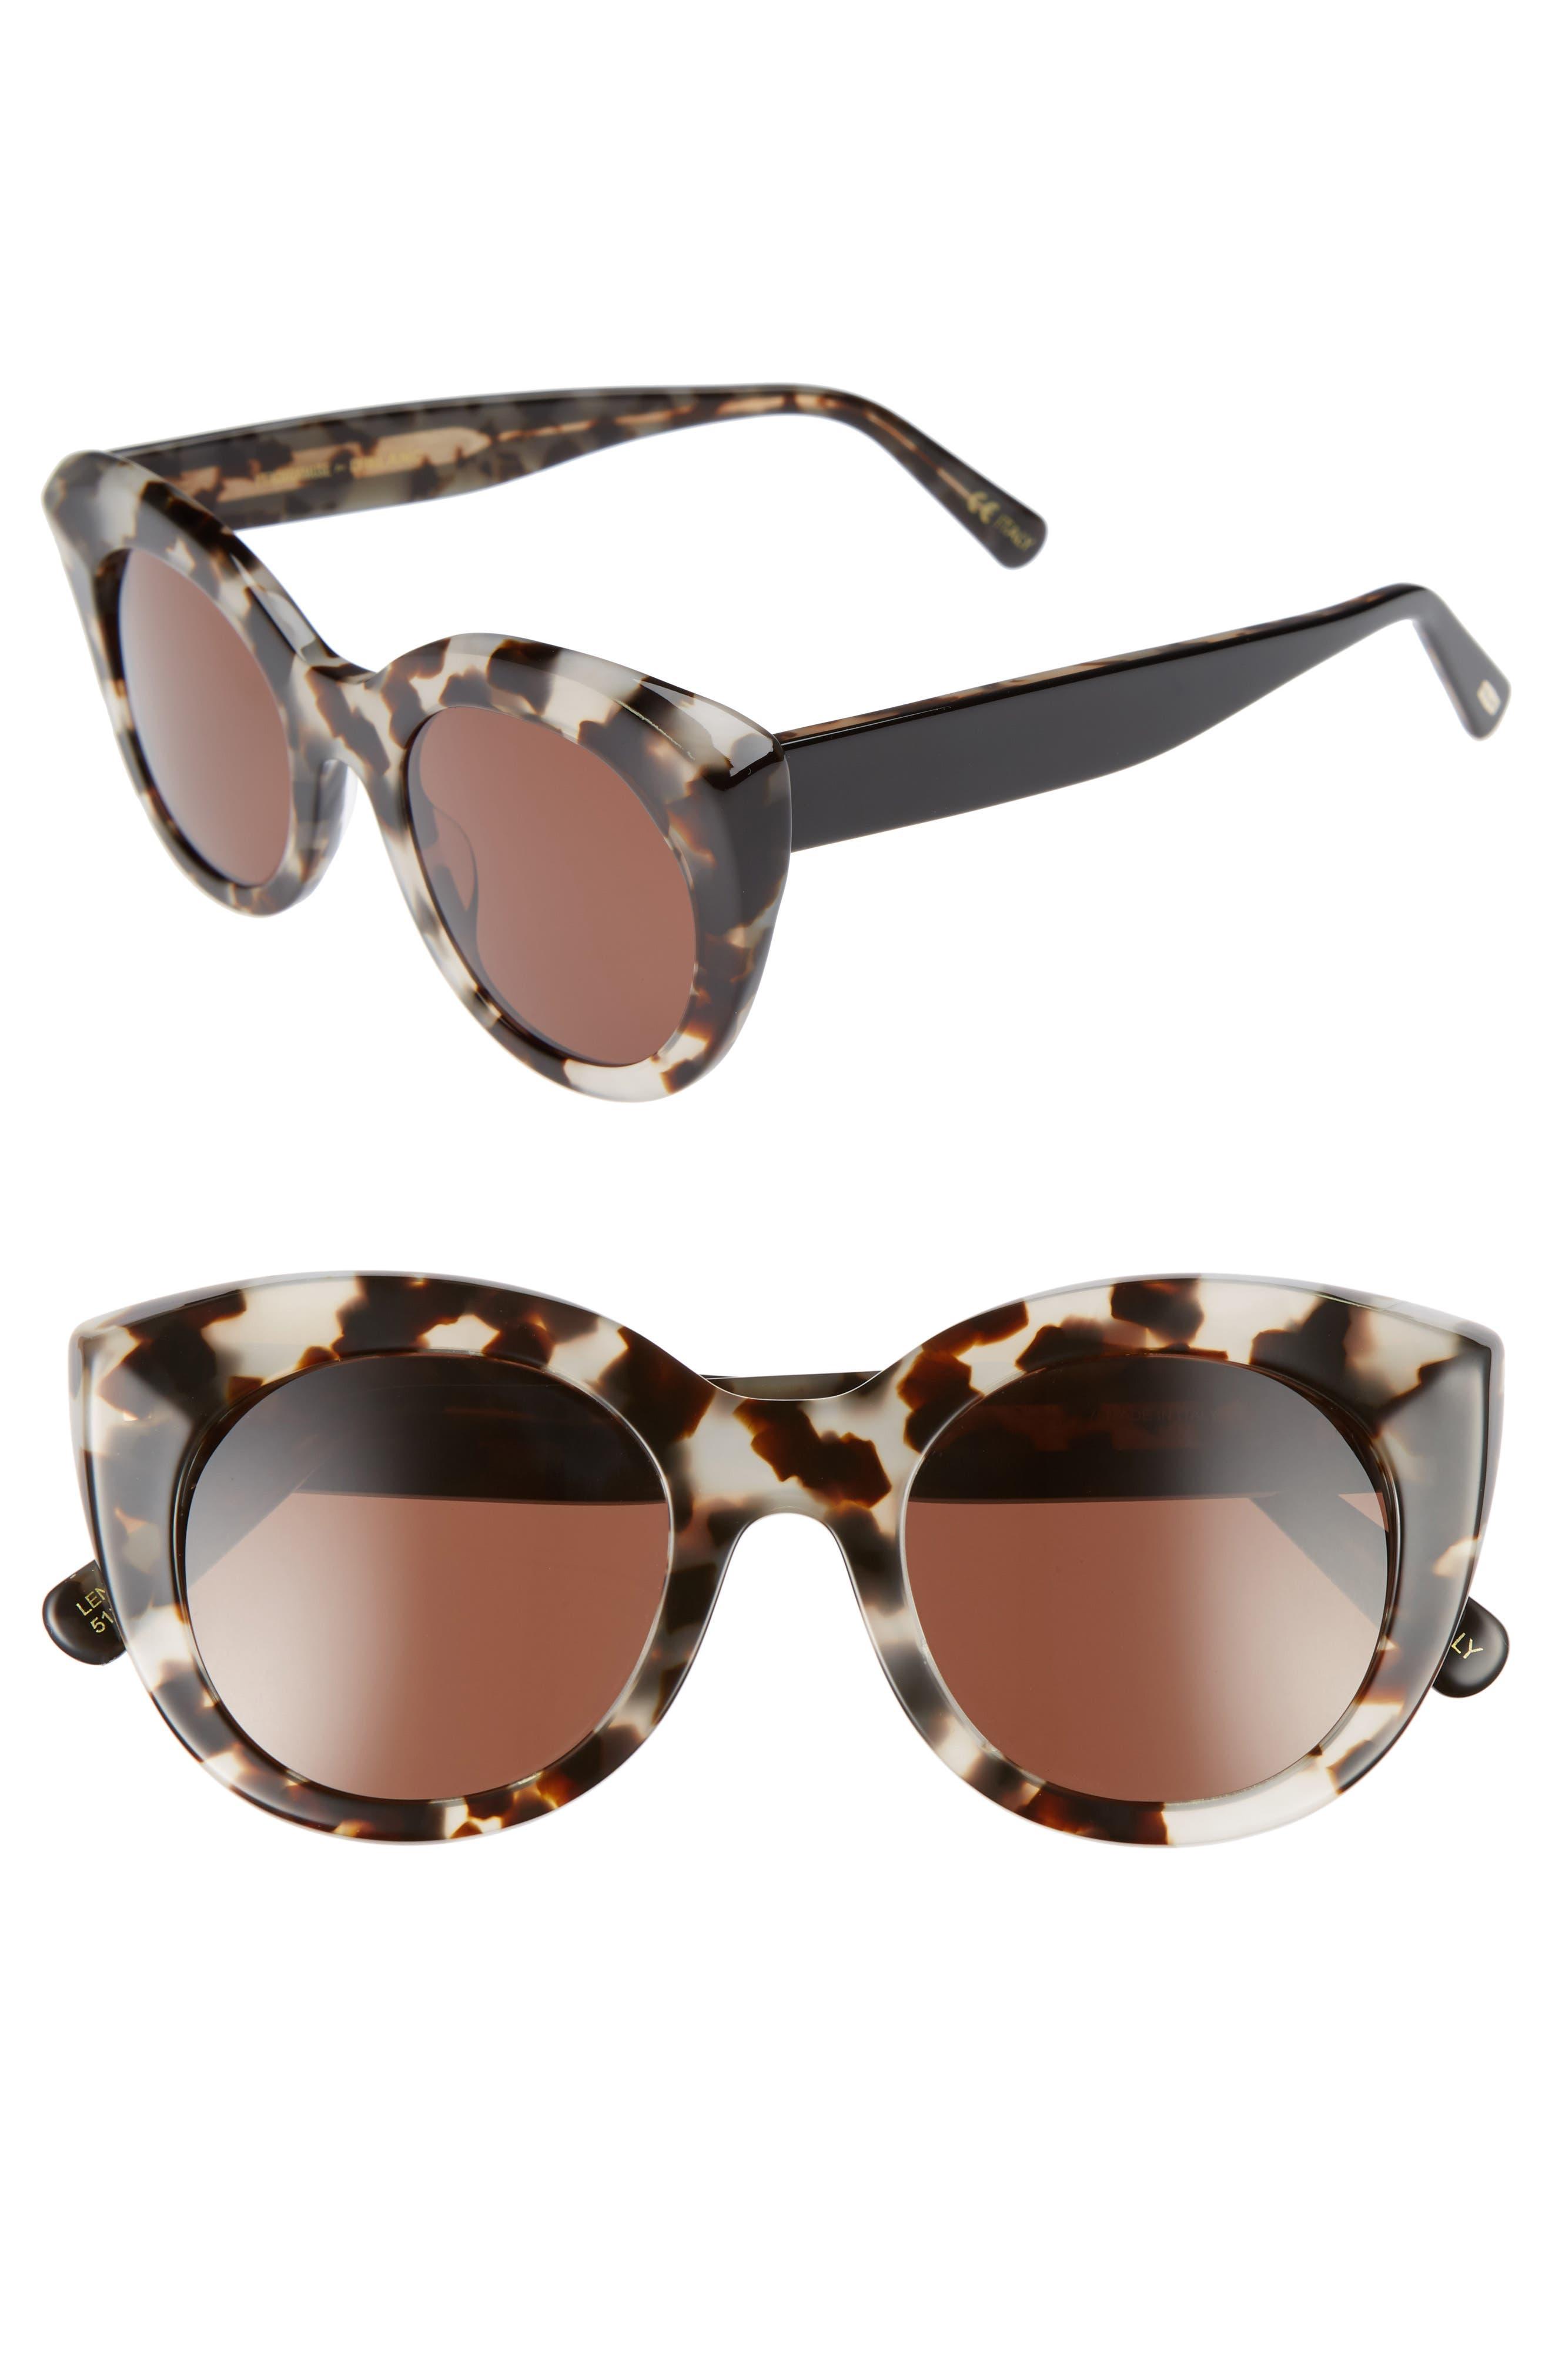 D'BLANC Modern Lover 49mm Cat-Eye Sunglasses